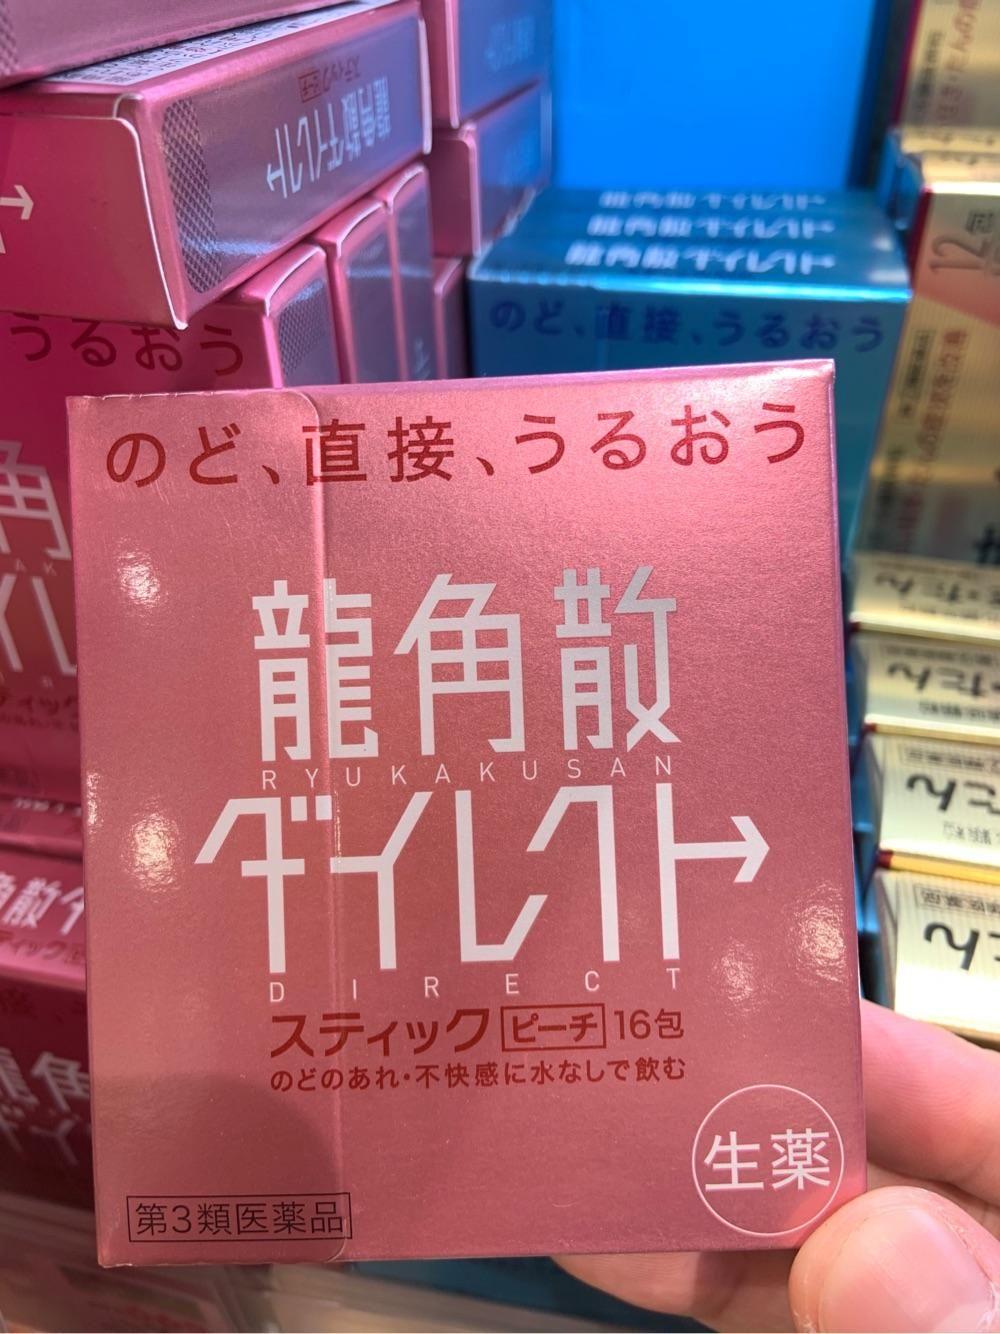 日本龙角散含片镇咳化痰清咽利喉缓解喉咙疼痛喉咙痒